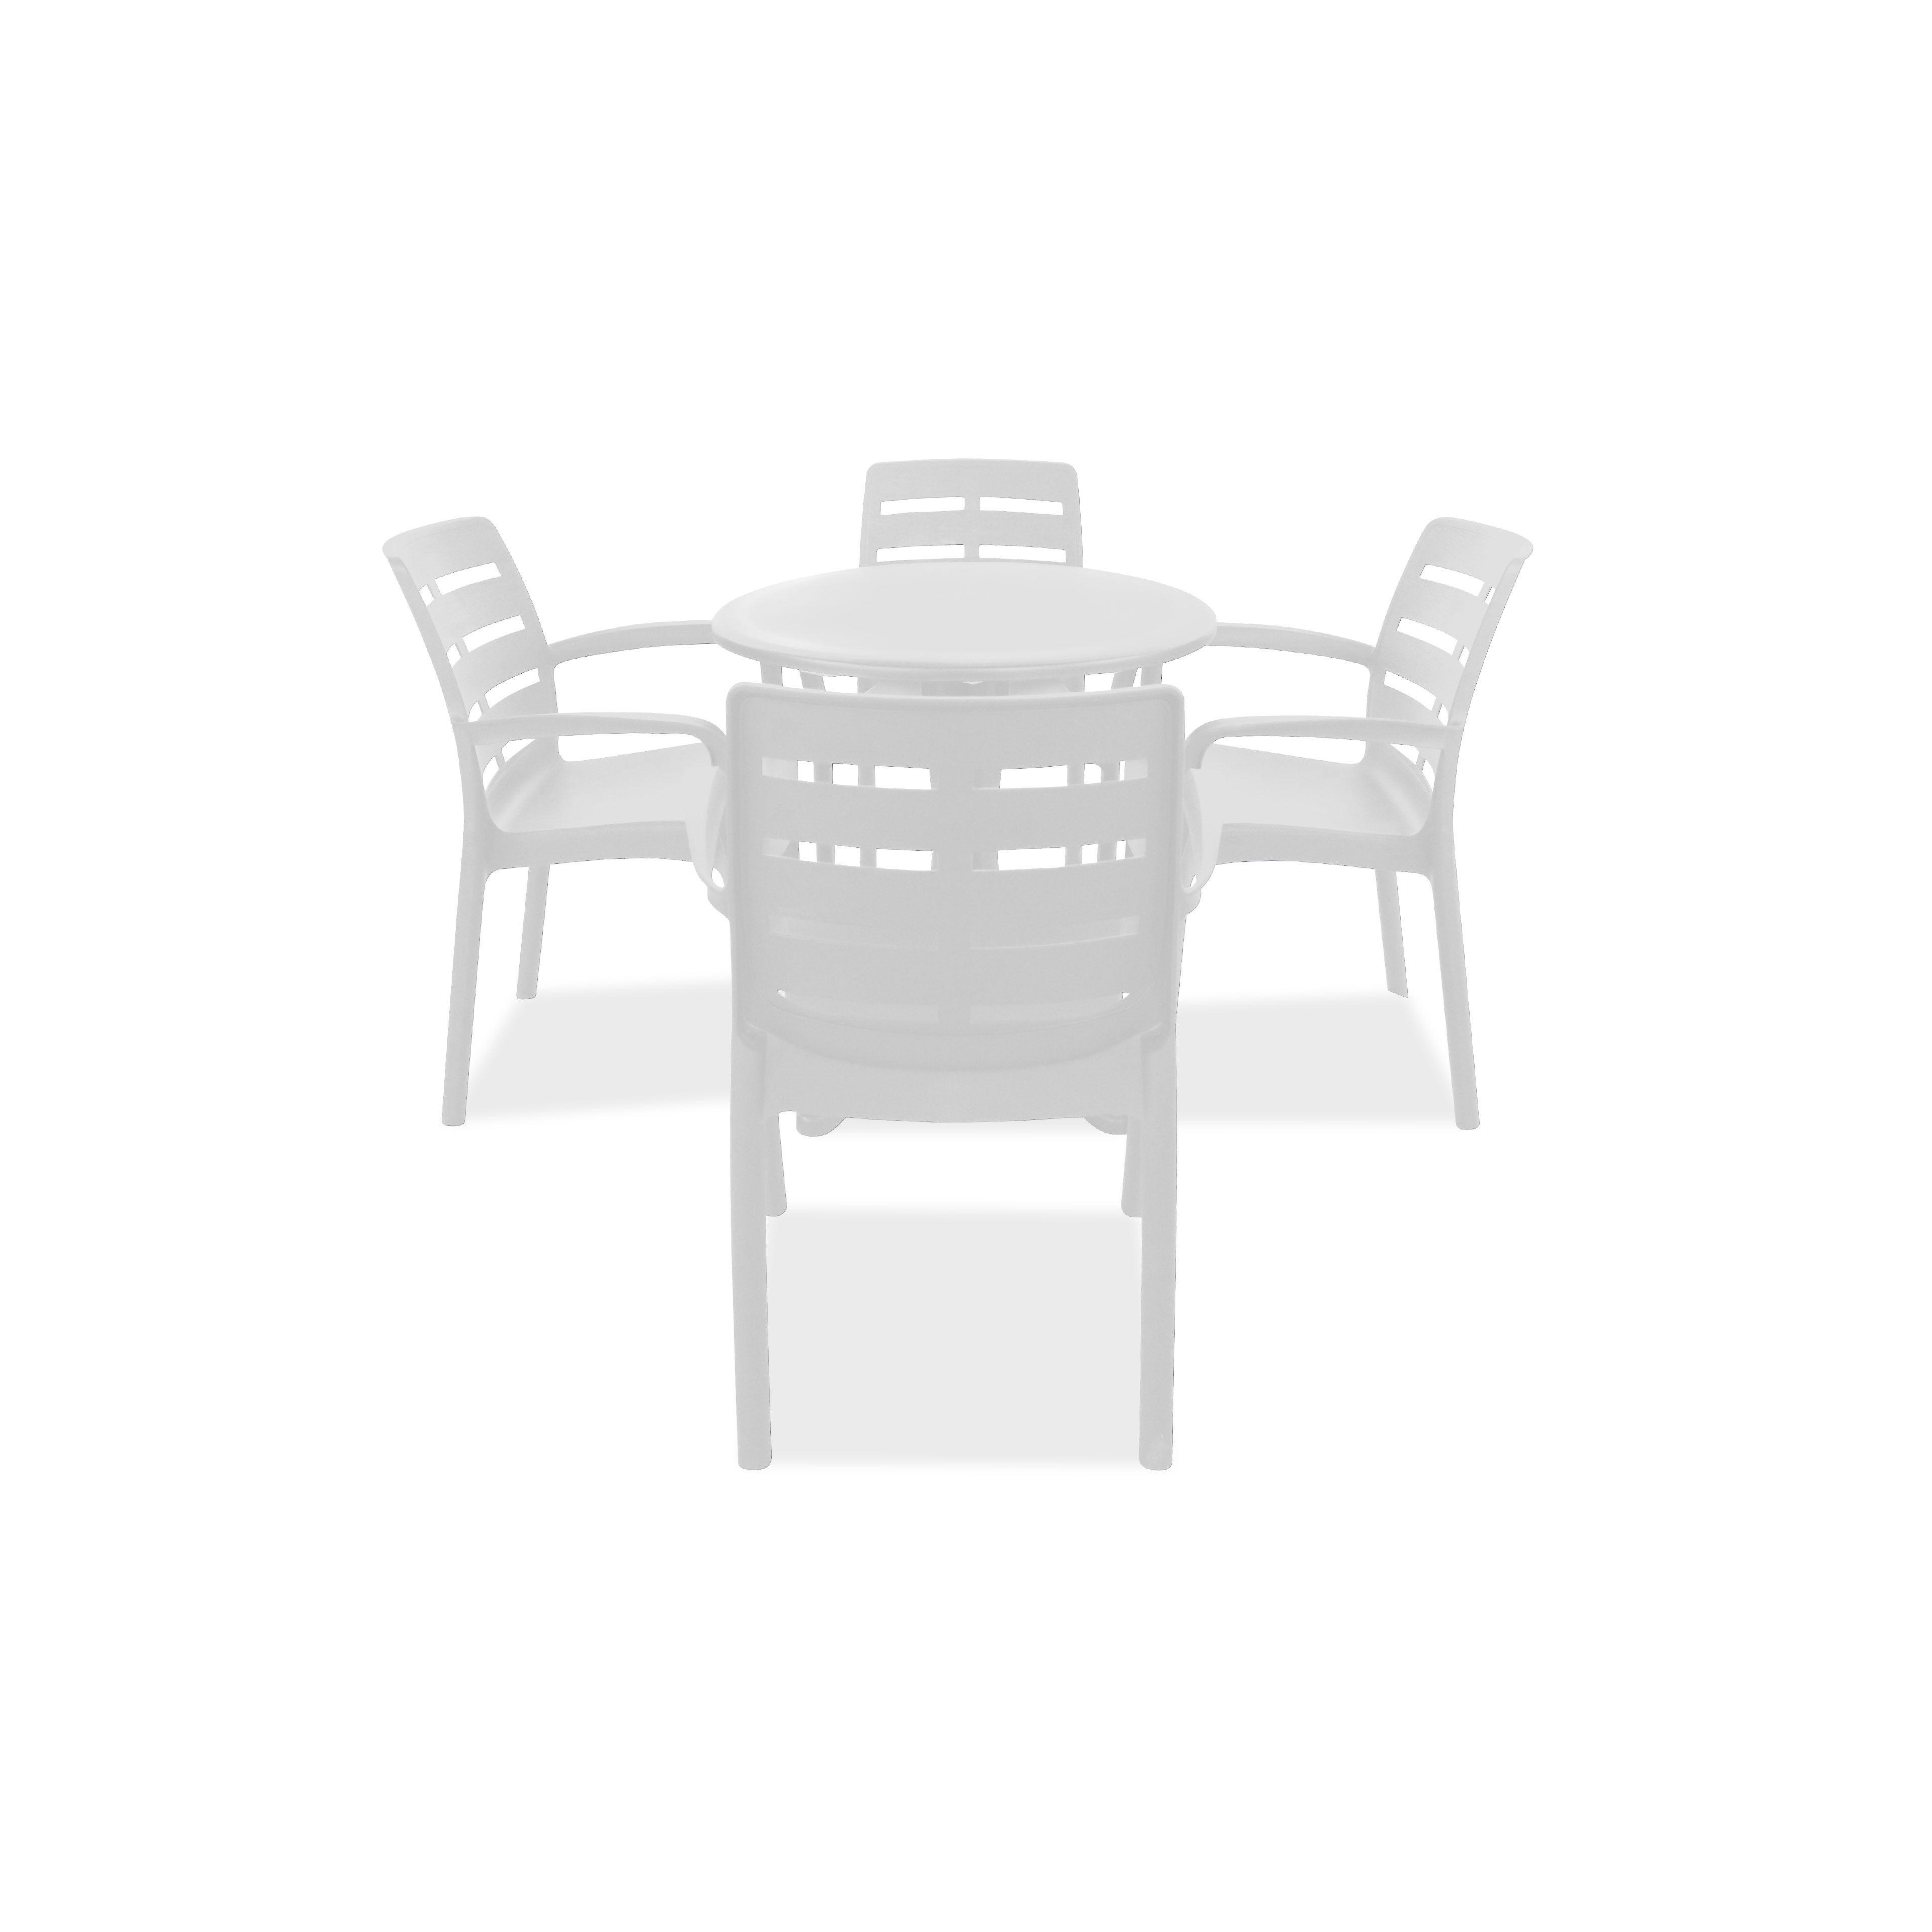 Table De Jardin Ronde En Pvc Blanc Et Chaises Blanches Plastique